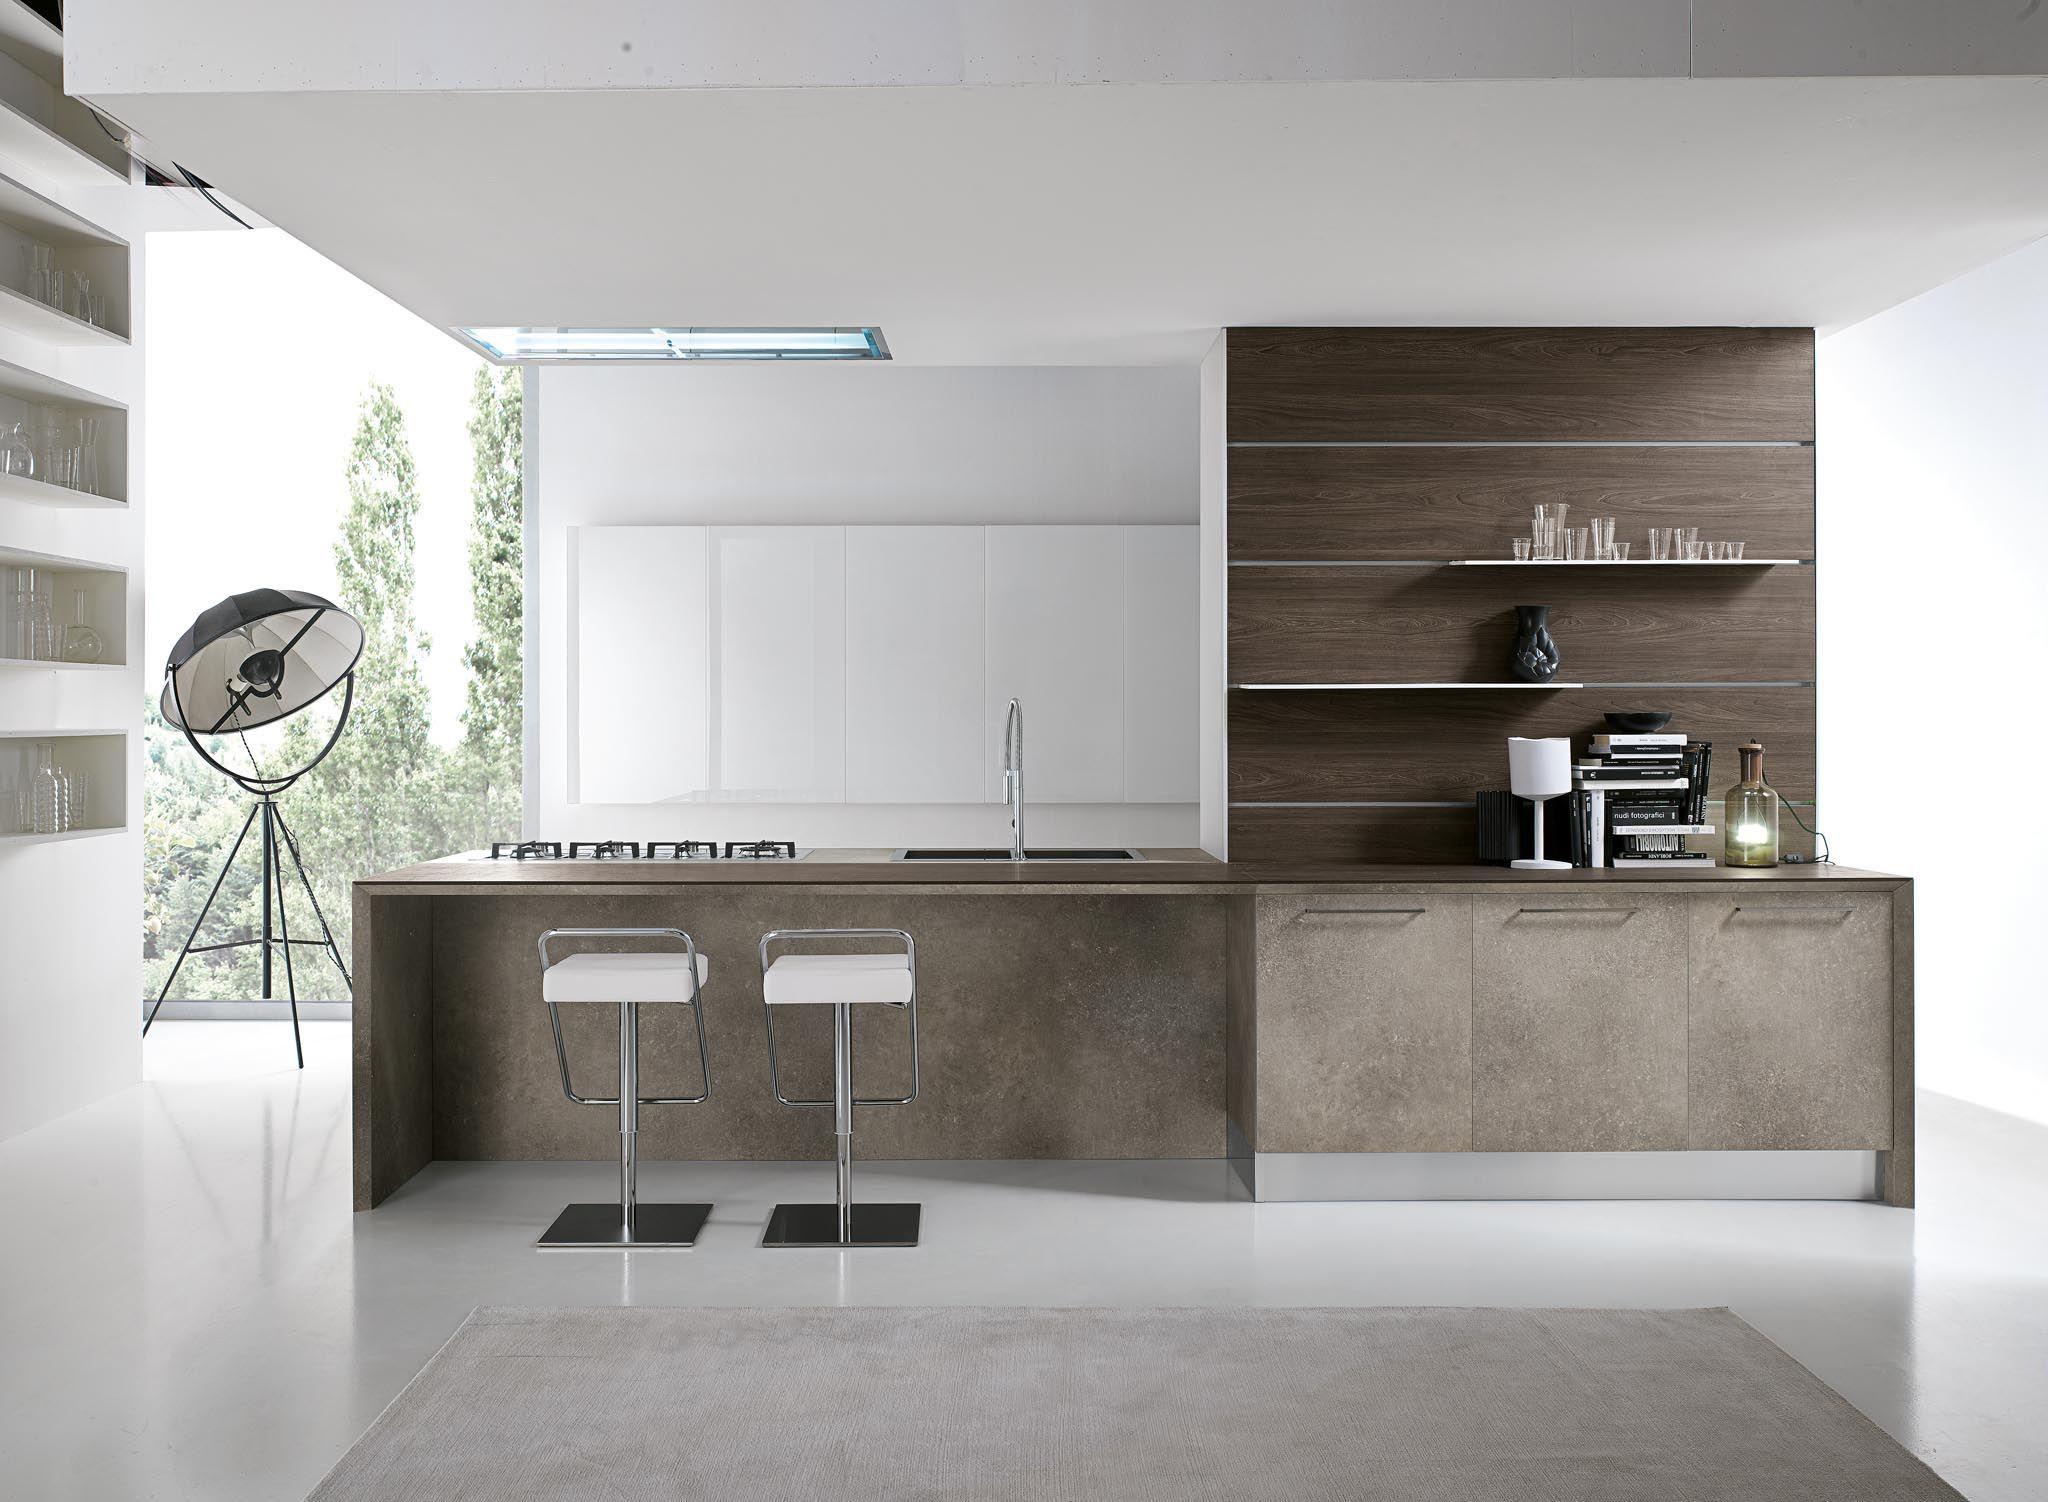 Atelier   Italian kitchen design, Modern kitchen cabinets, Italian ...